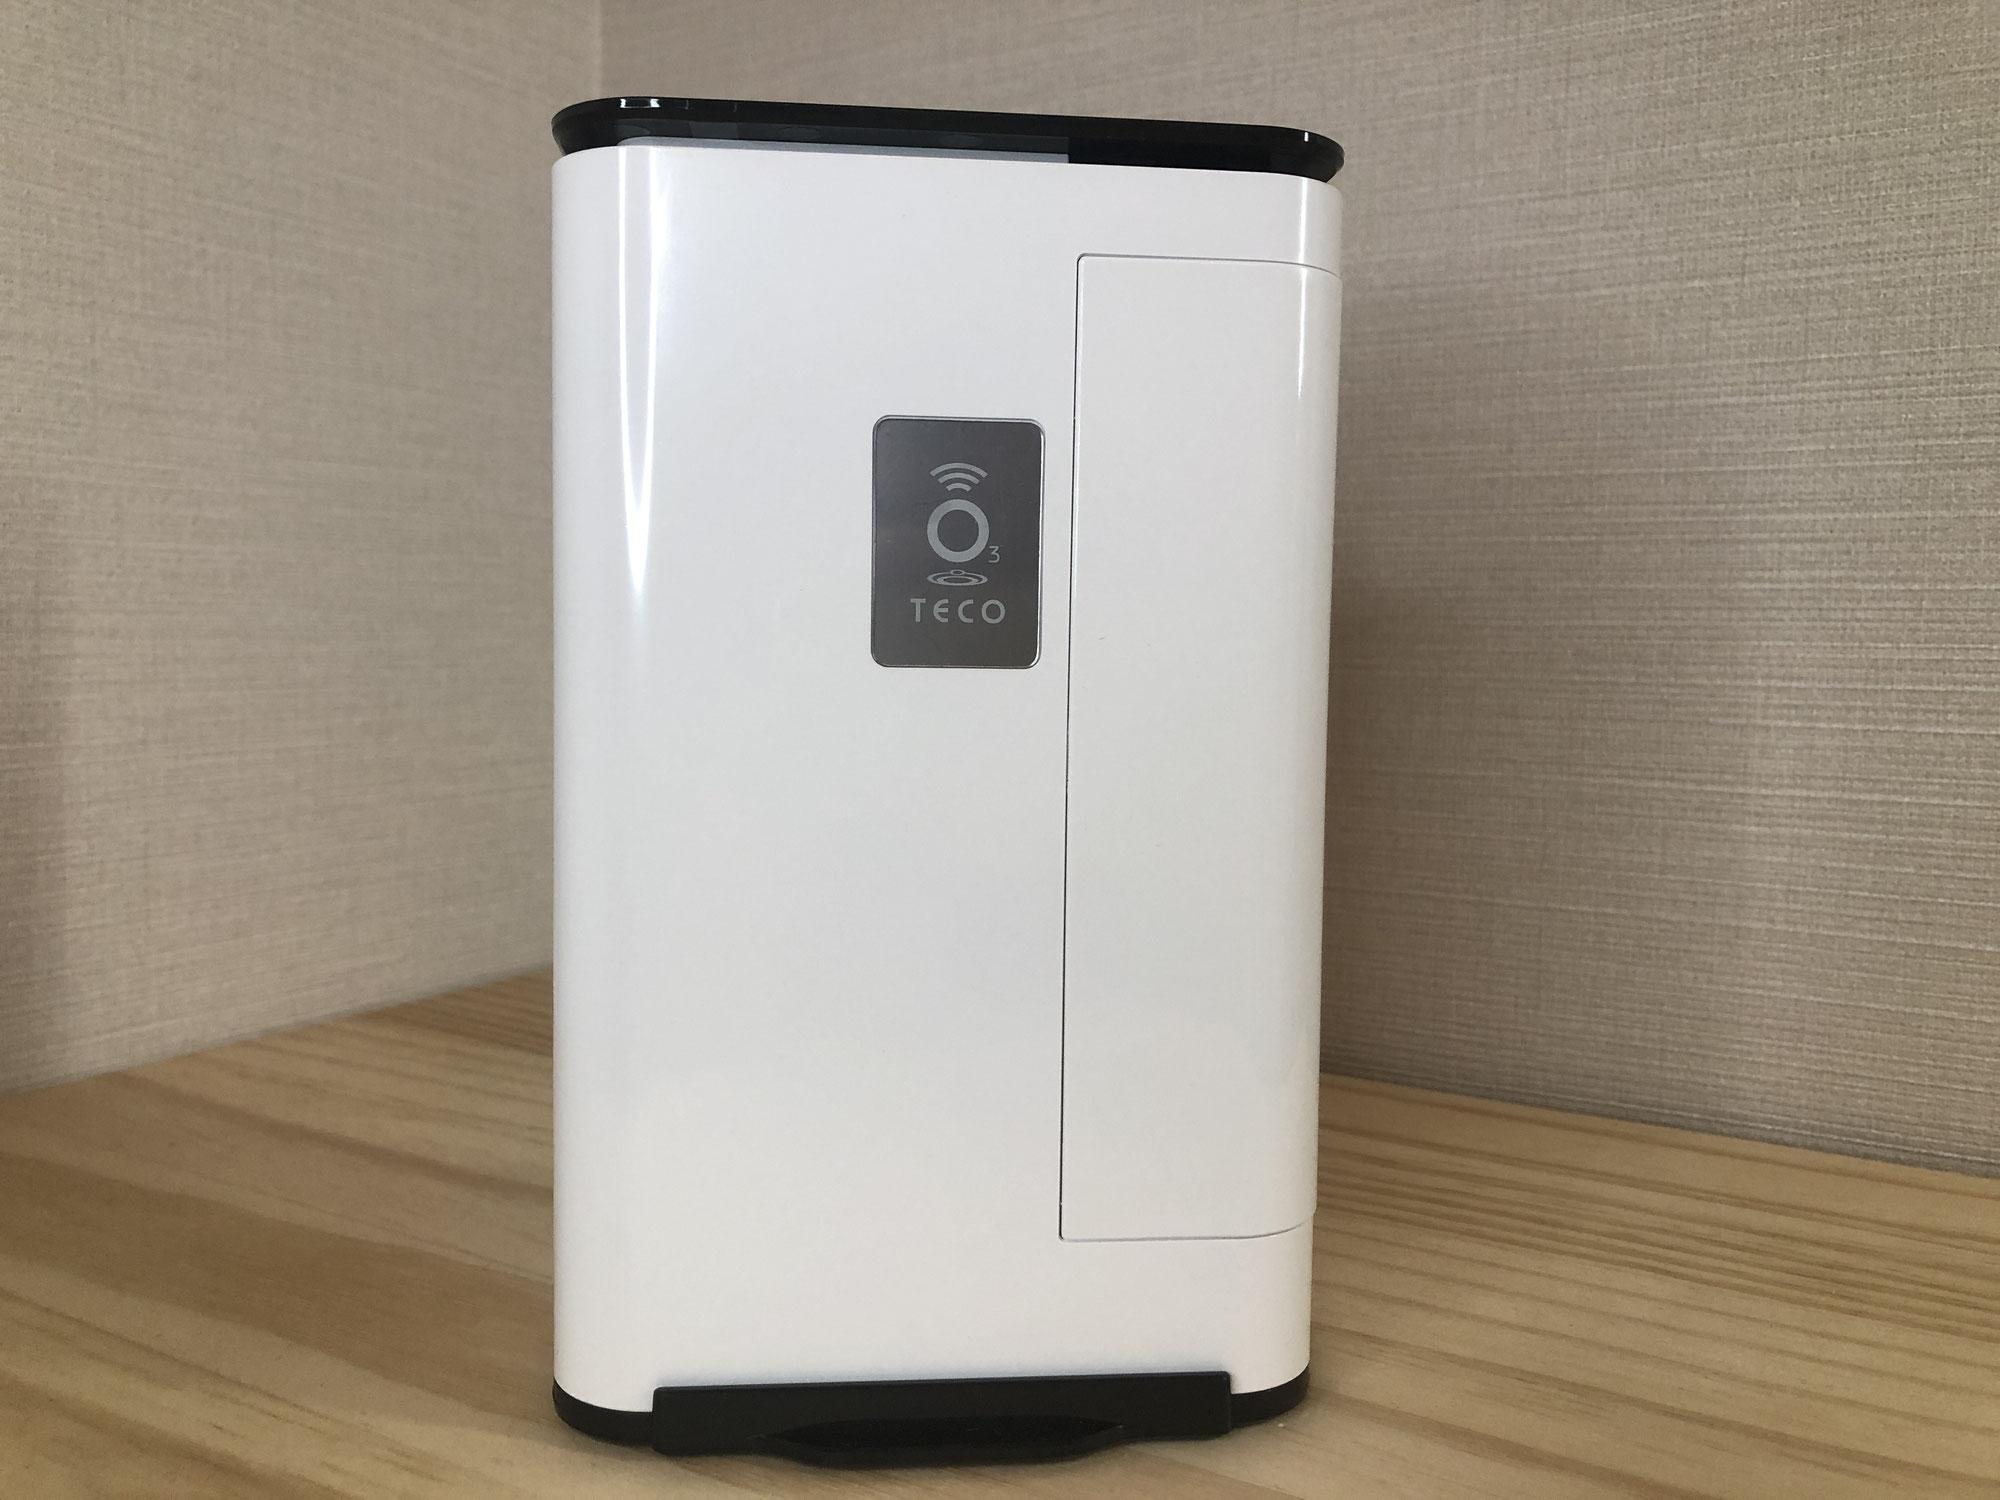 国内医療機器メーカーが作る新型コロナ対応のオゾン&紫外線除菌・消臭器のご紹介